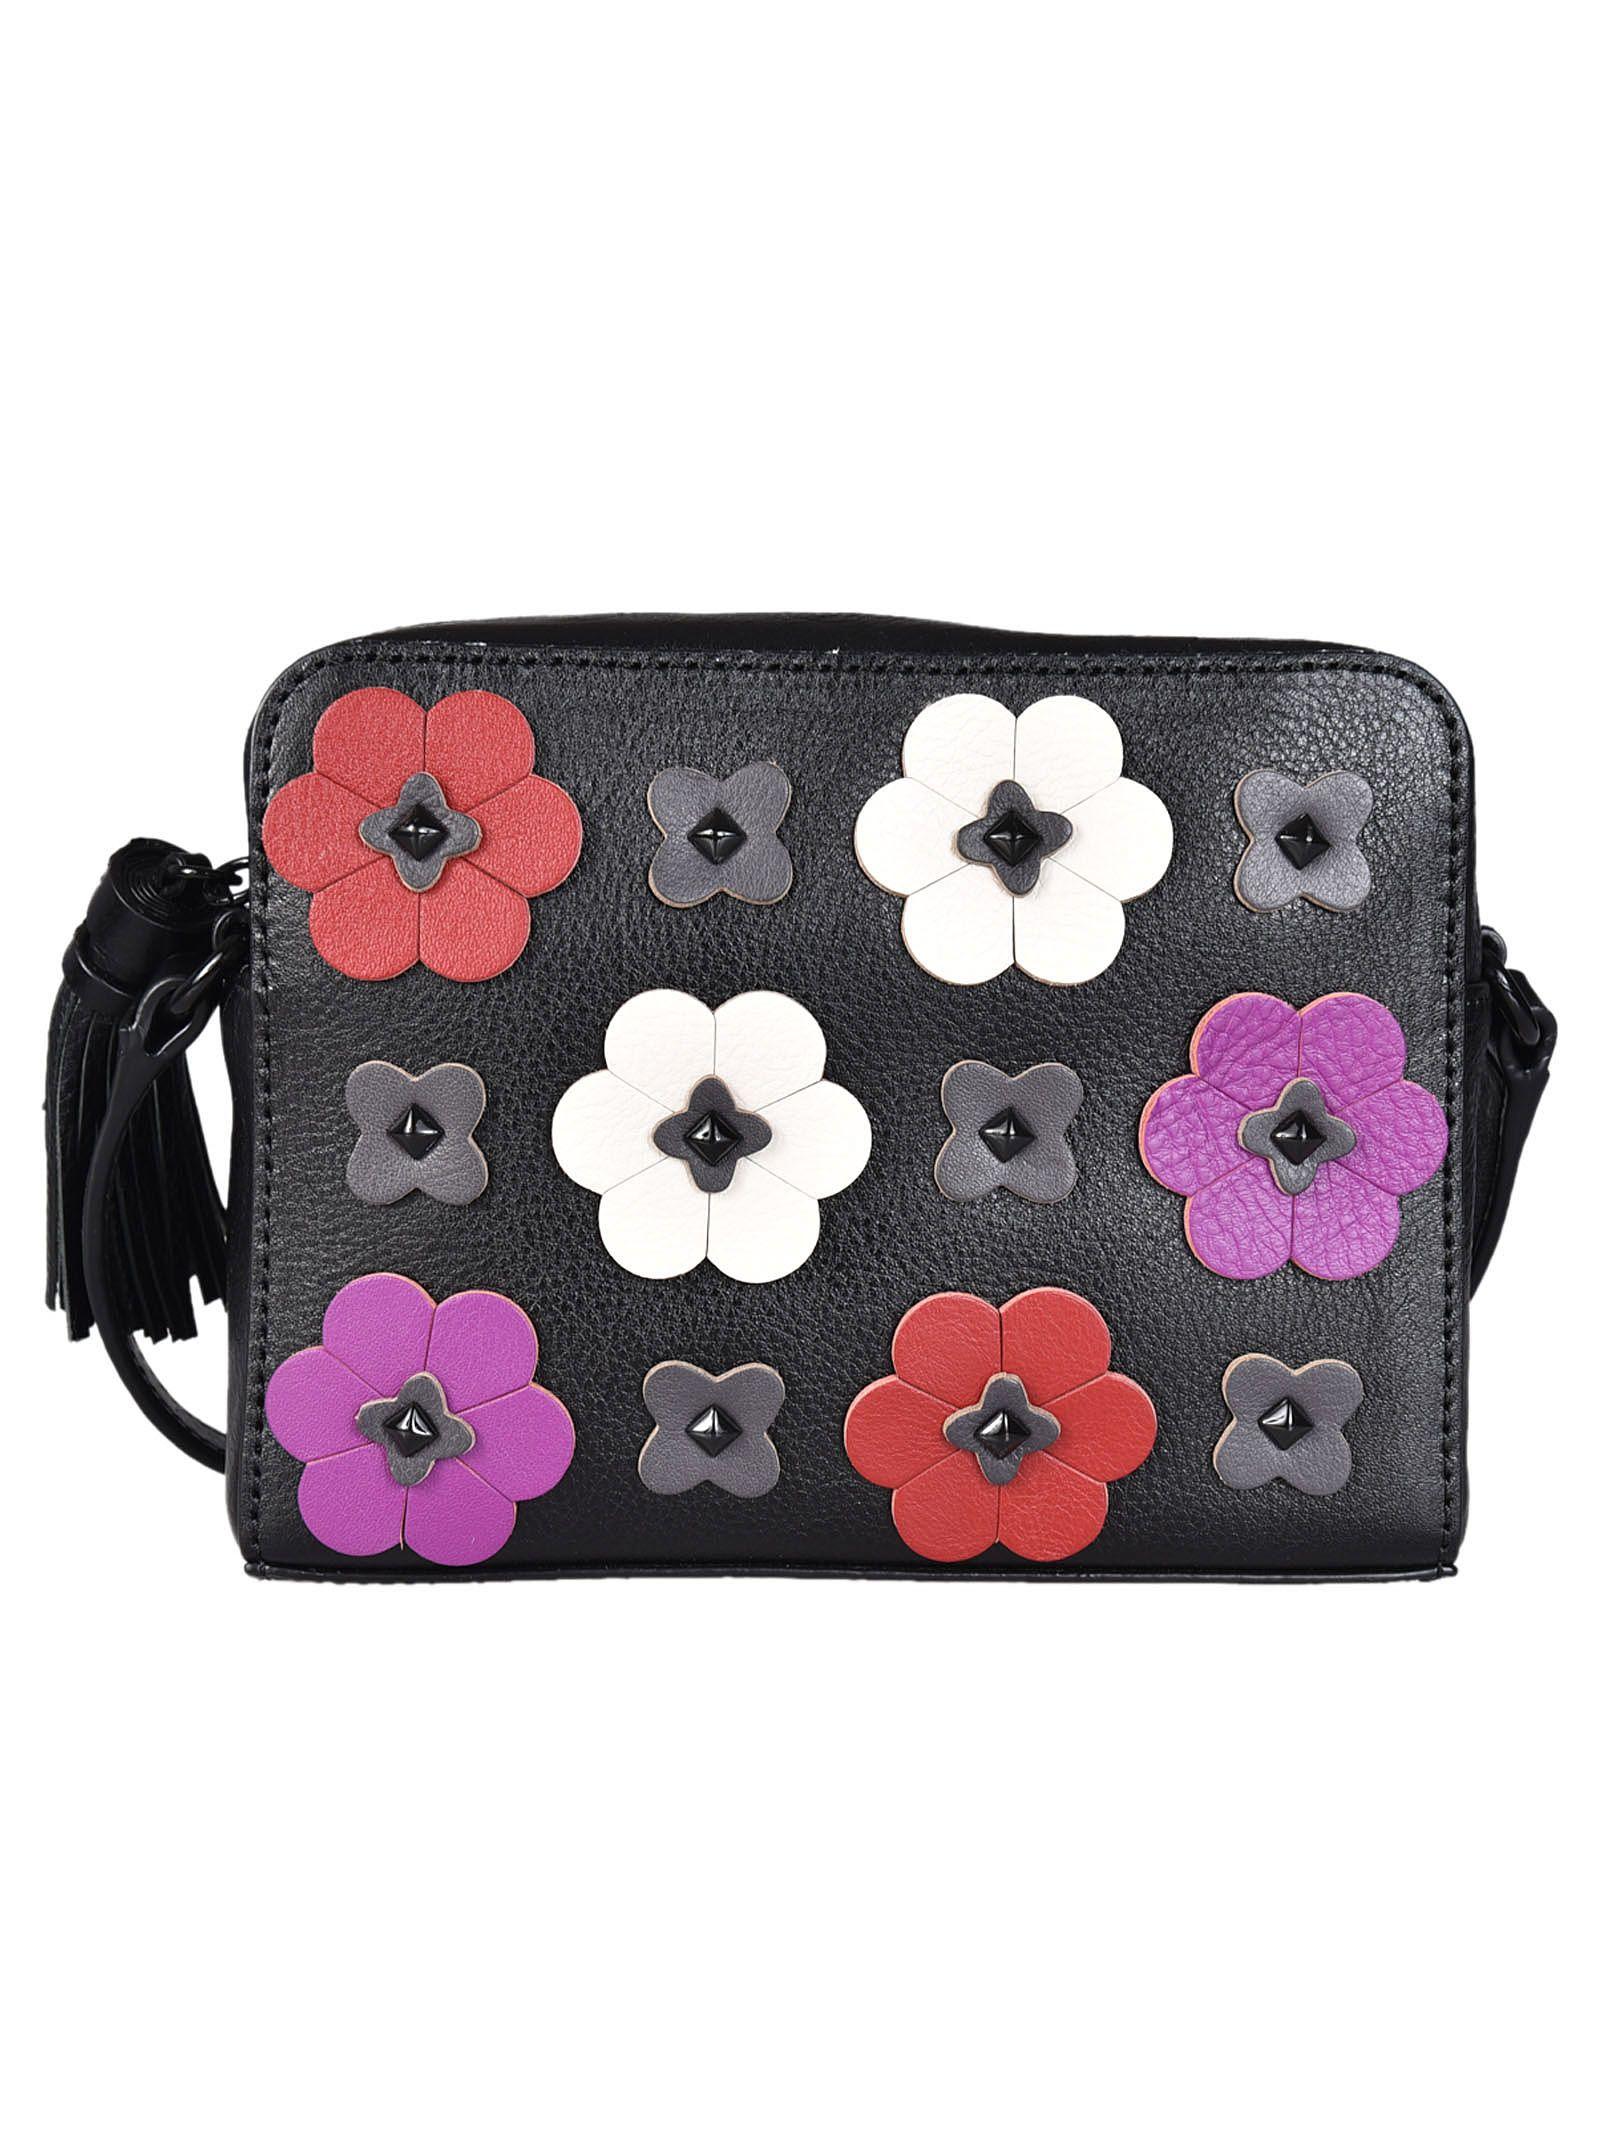 Rebecca Minkoff Floral Applique Shoulder Bag